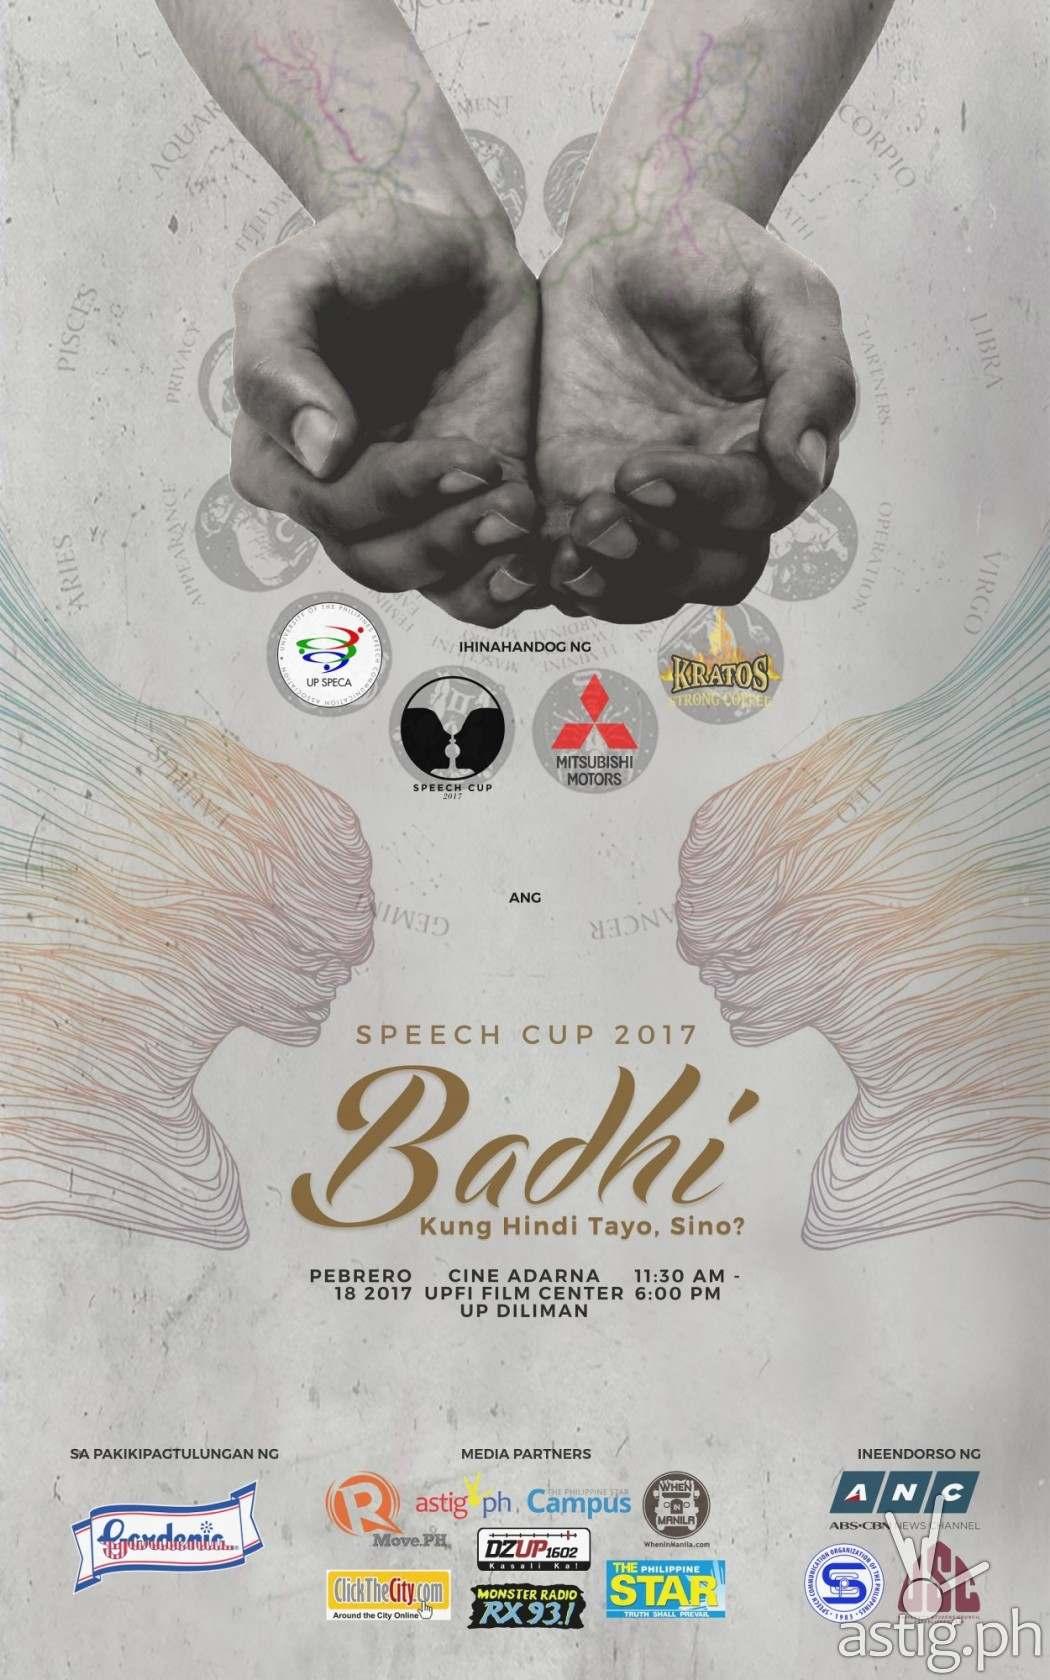 http://astig.ph/wp-content/uploads/2017/02/Speech-Cup-2017-poster-final-1050x1680.jpg